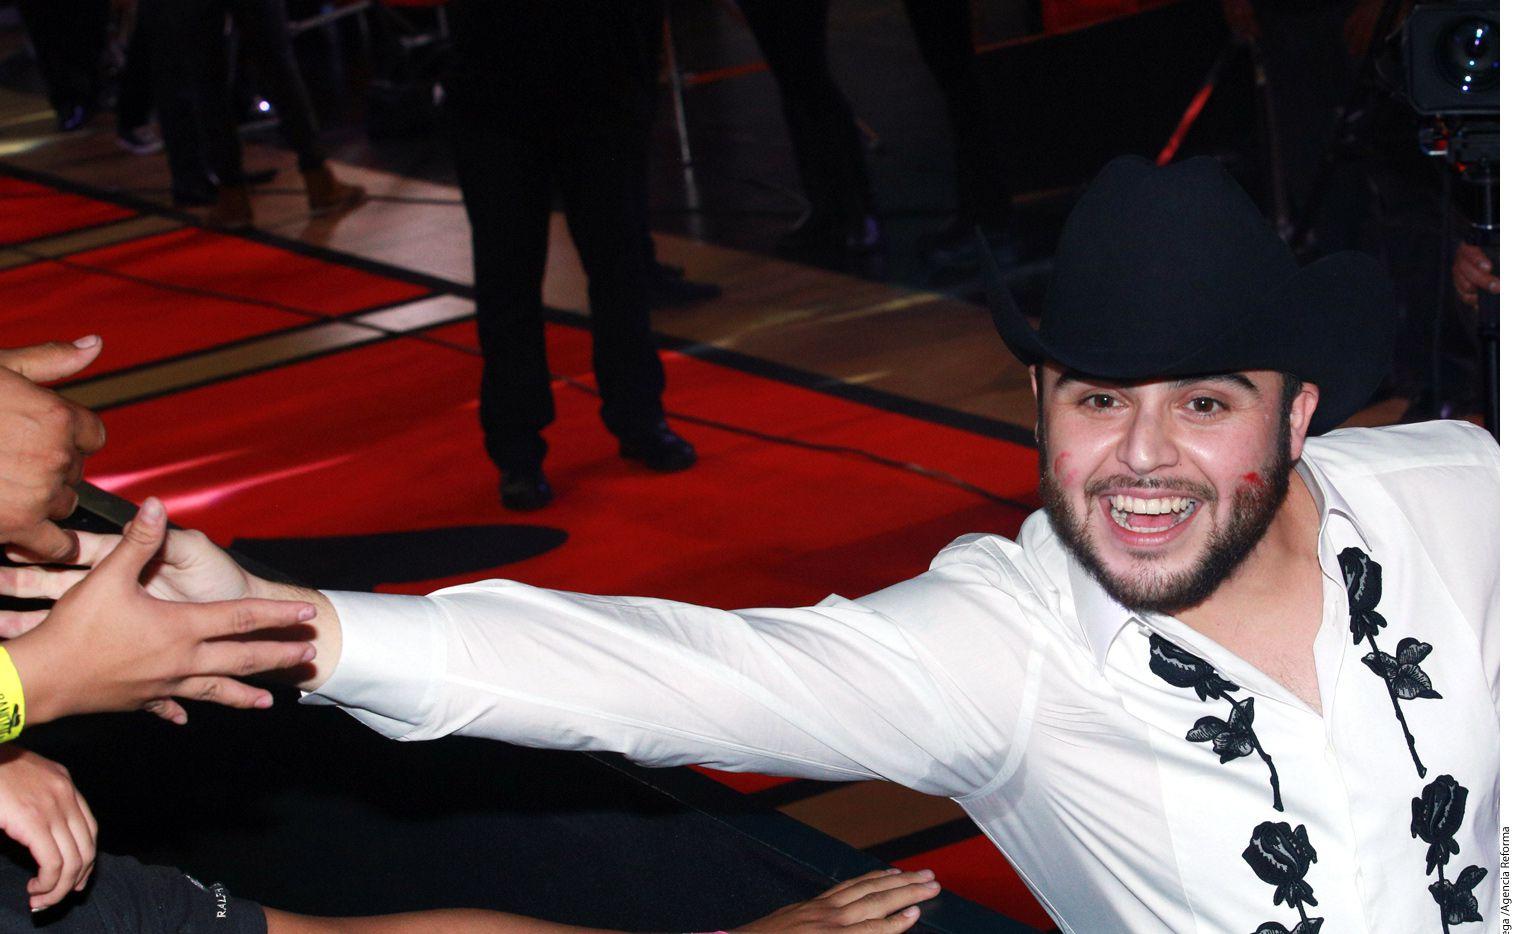 El cantante Gerardo Ortiz toma vacaciones, después de un año difícil bajo el escrutinio público. /AGENCIA REFORMA